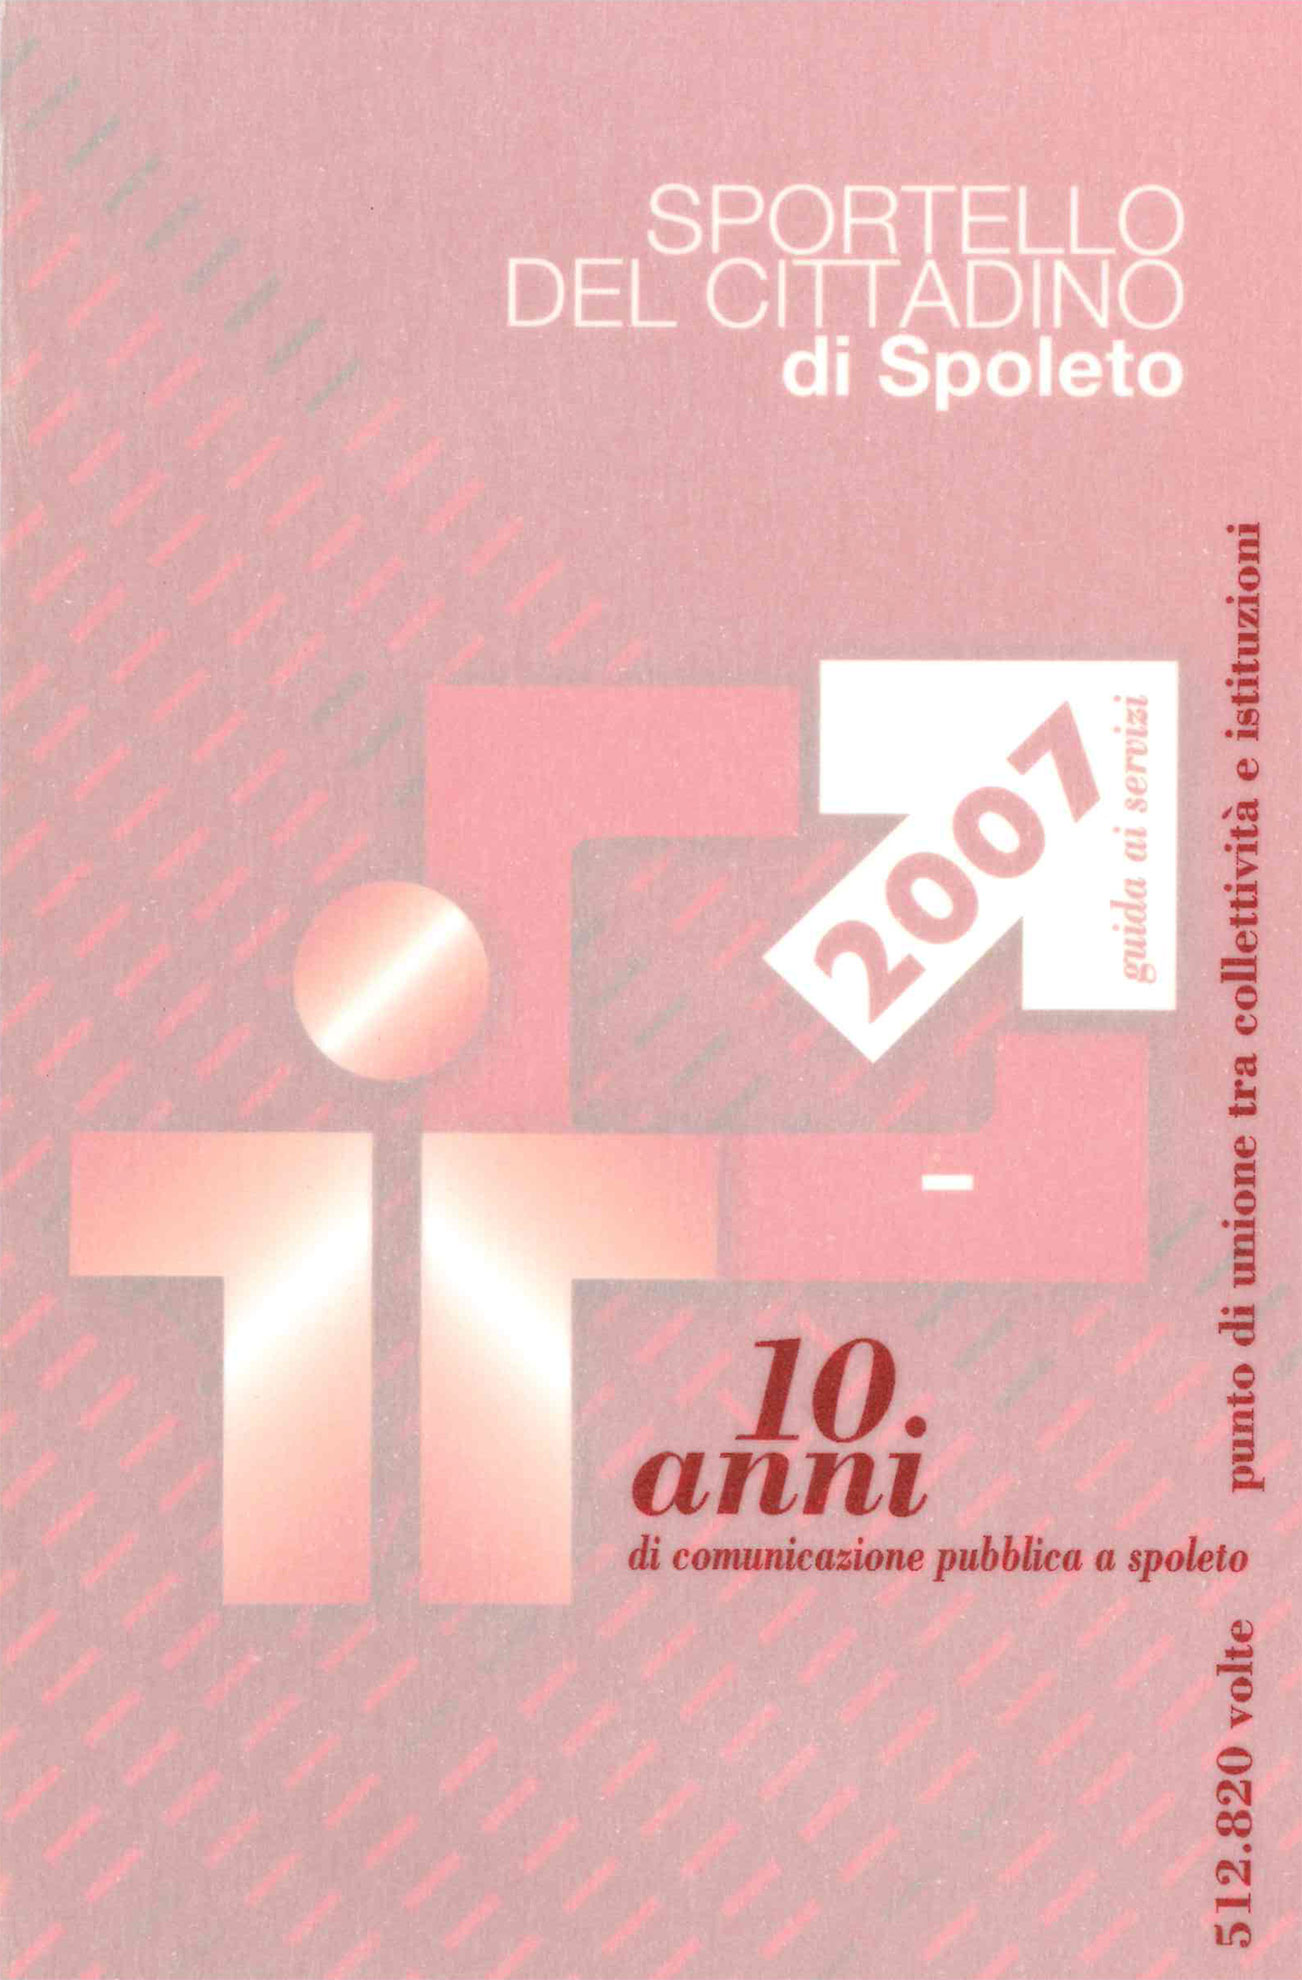 Progetto grafico: GraficArte Severini - Spoleto